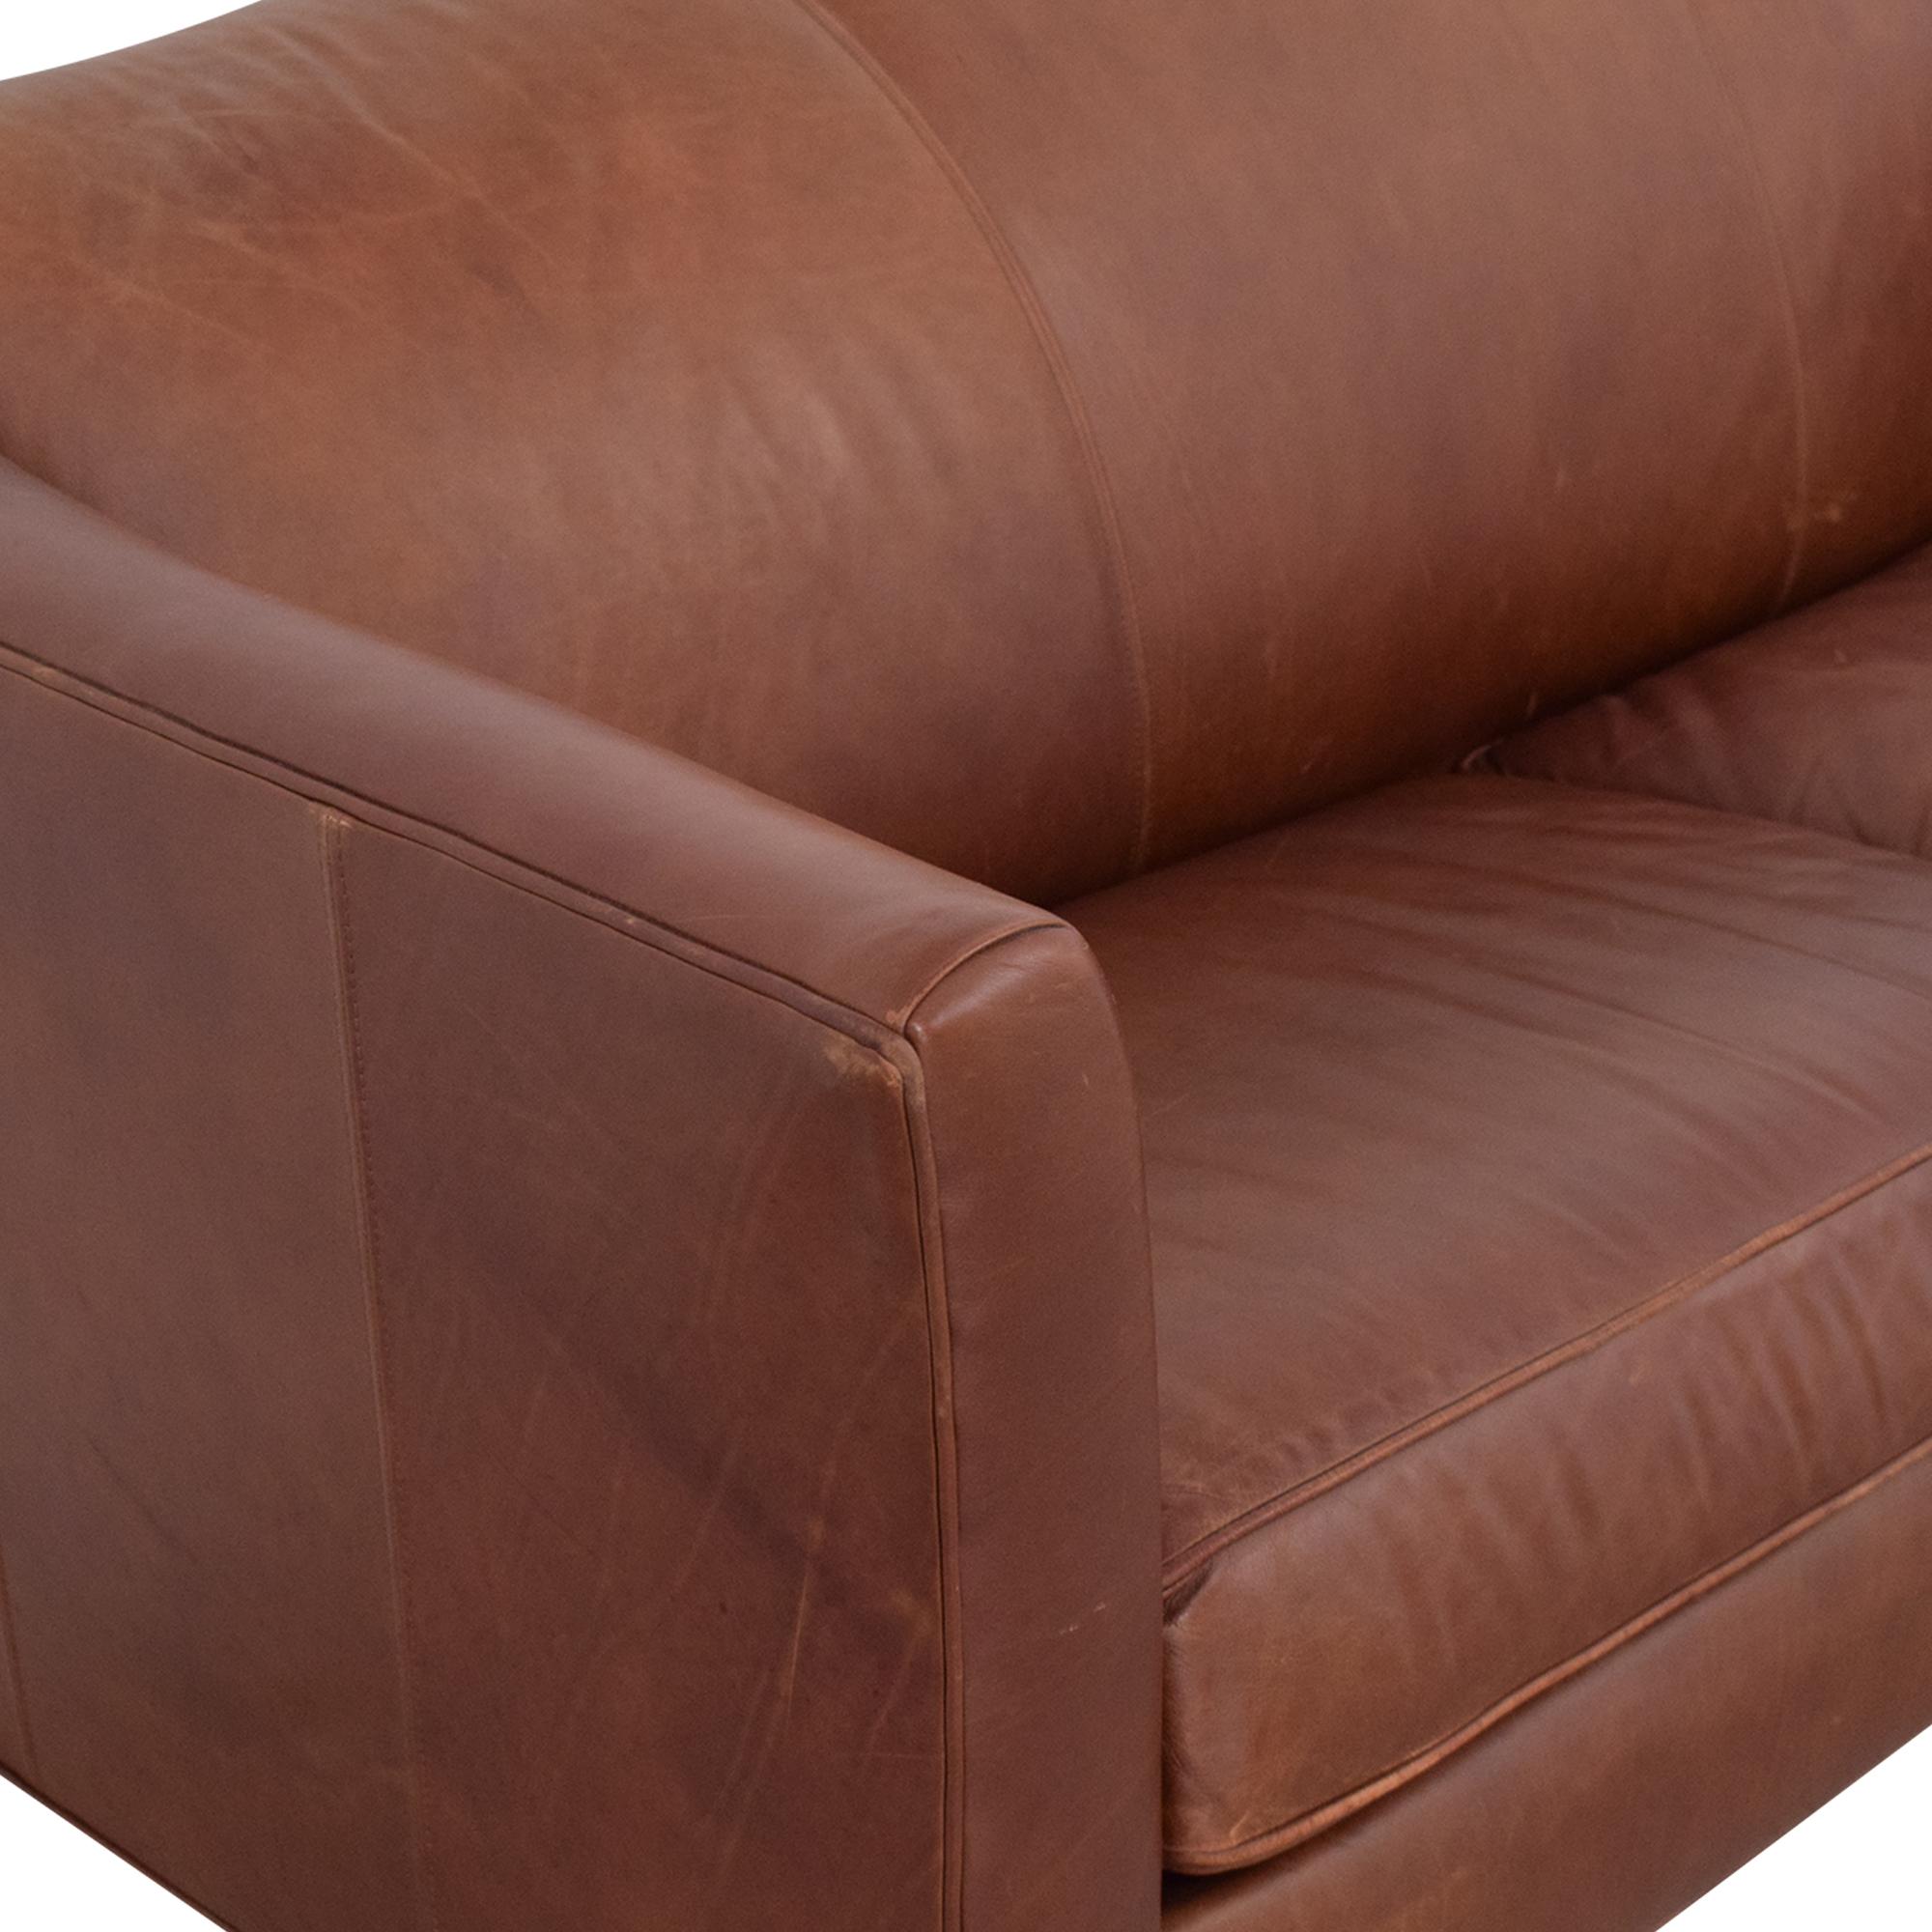 Ethan Allen Ethan Allen Leather Camelback Sofa pa